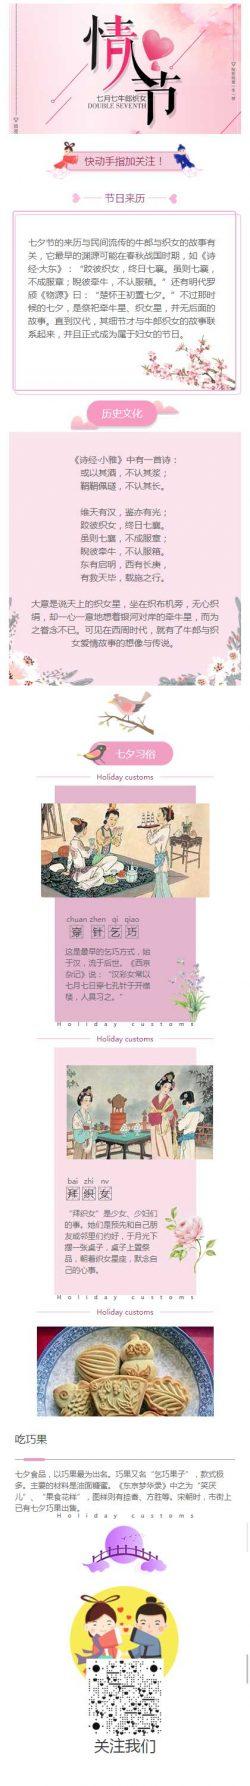 七夕节的来历与民间流传的牛郎与织女的故事有关